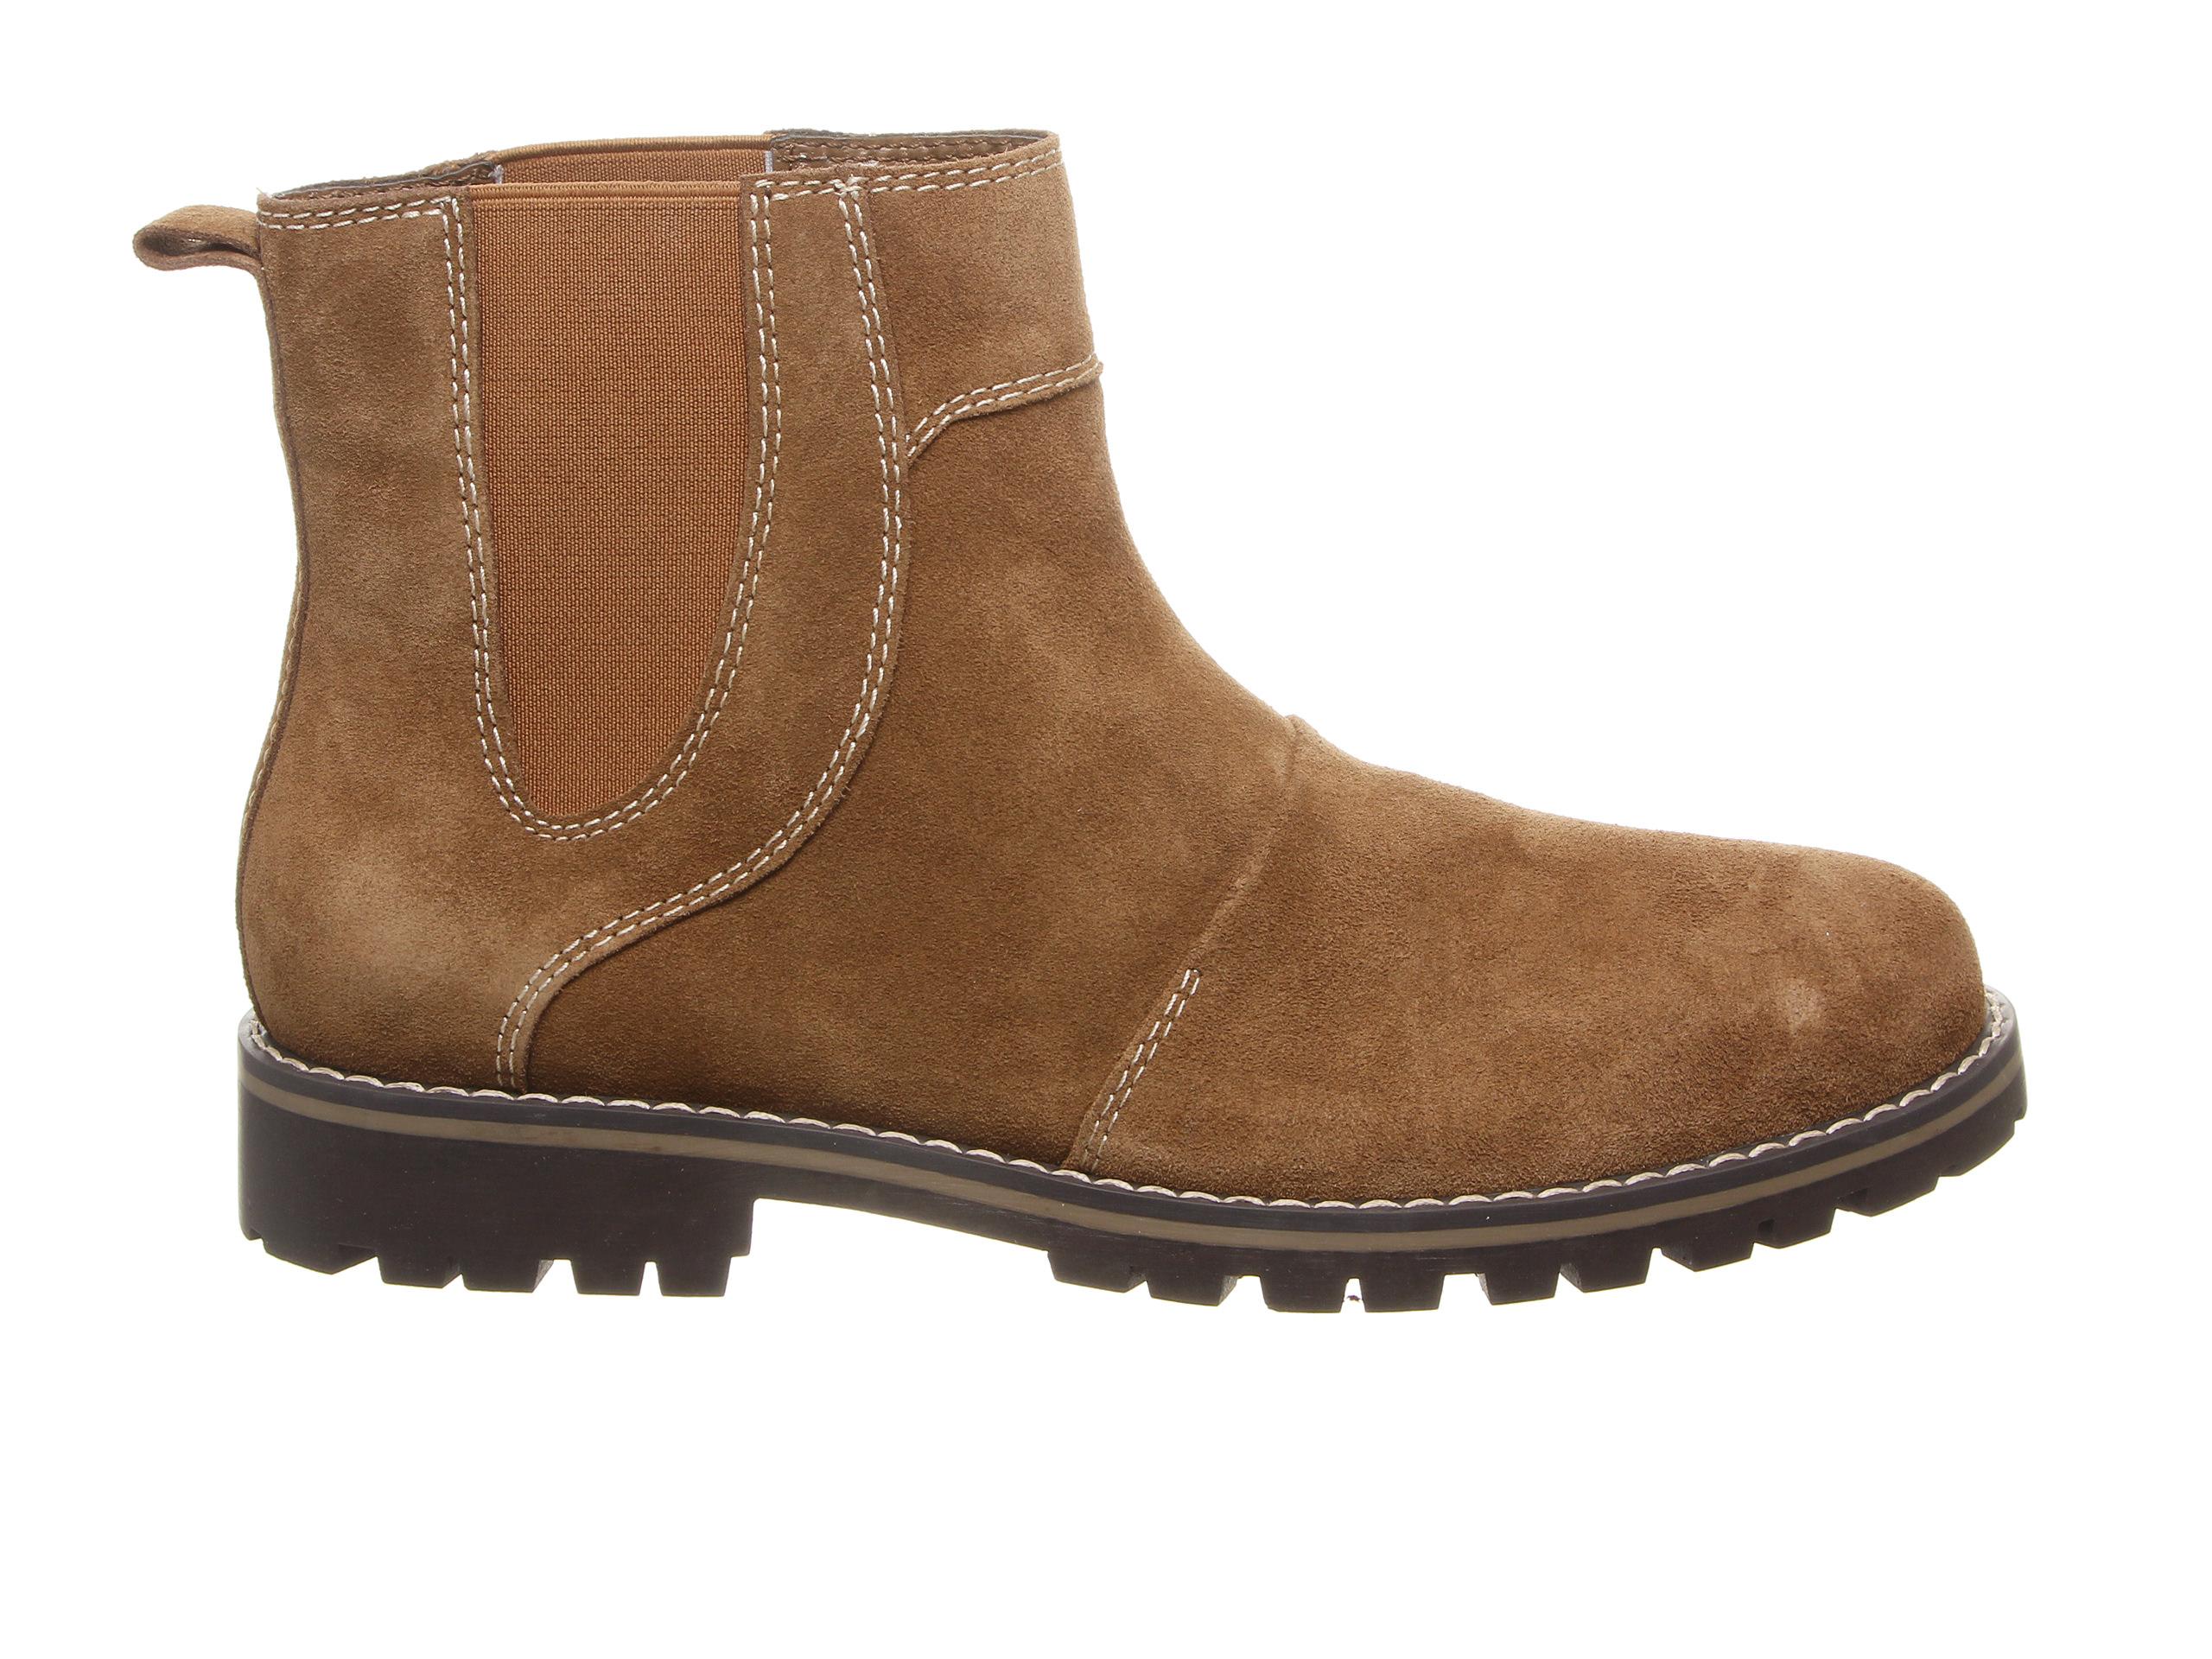 Bearpaw Alastair Men's Boots (Brown Suede)